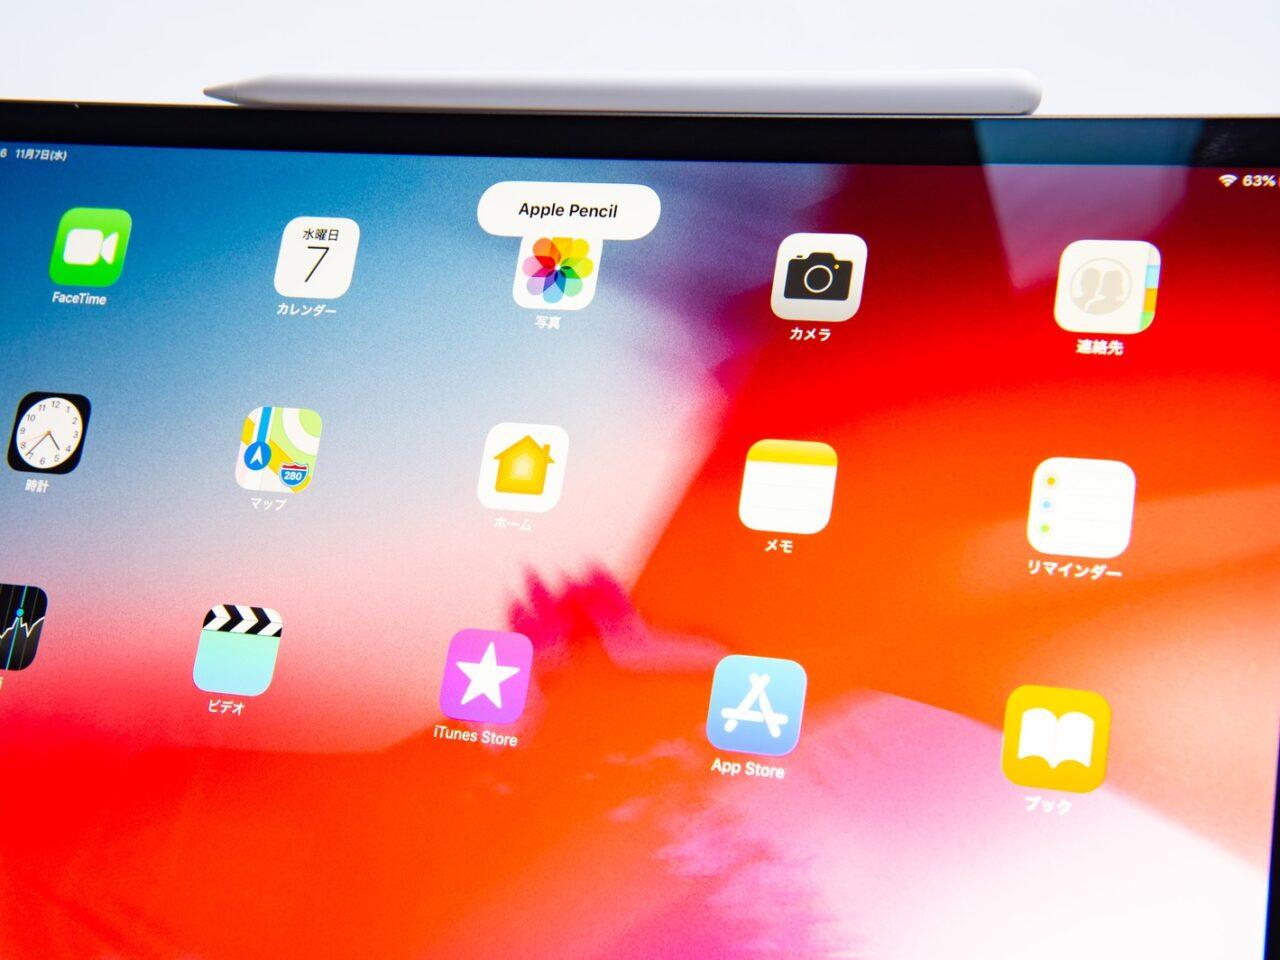 iPhoneのスマートスタックを編集&変更する方法は?【iOS14のウィジェット】のサムネイル画像